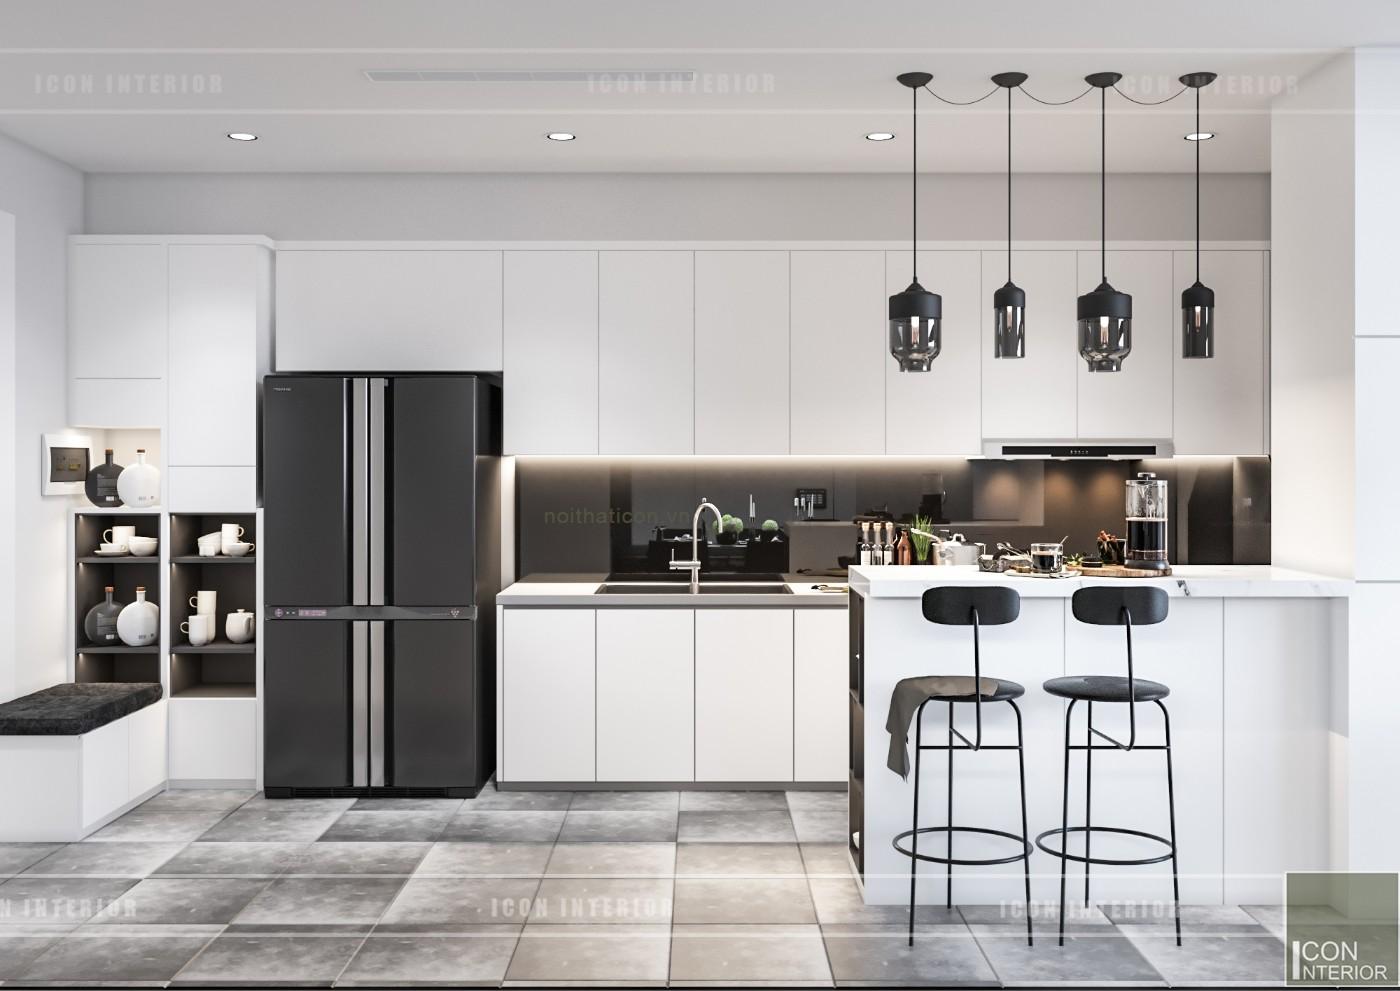 thiết kế nội thất chung cư vinhomes central park - nhà bếp